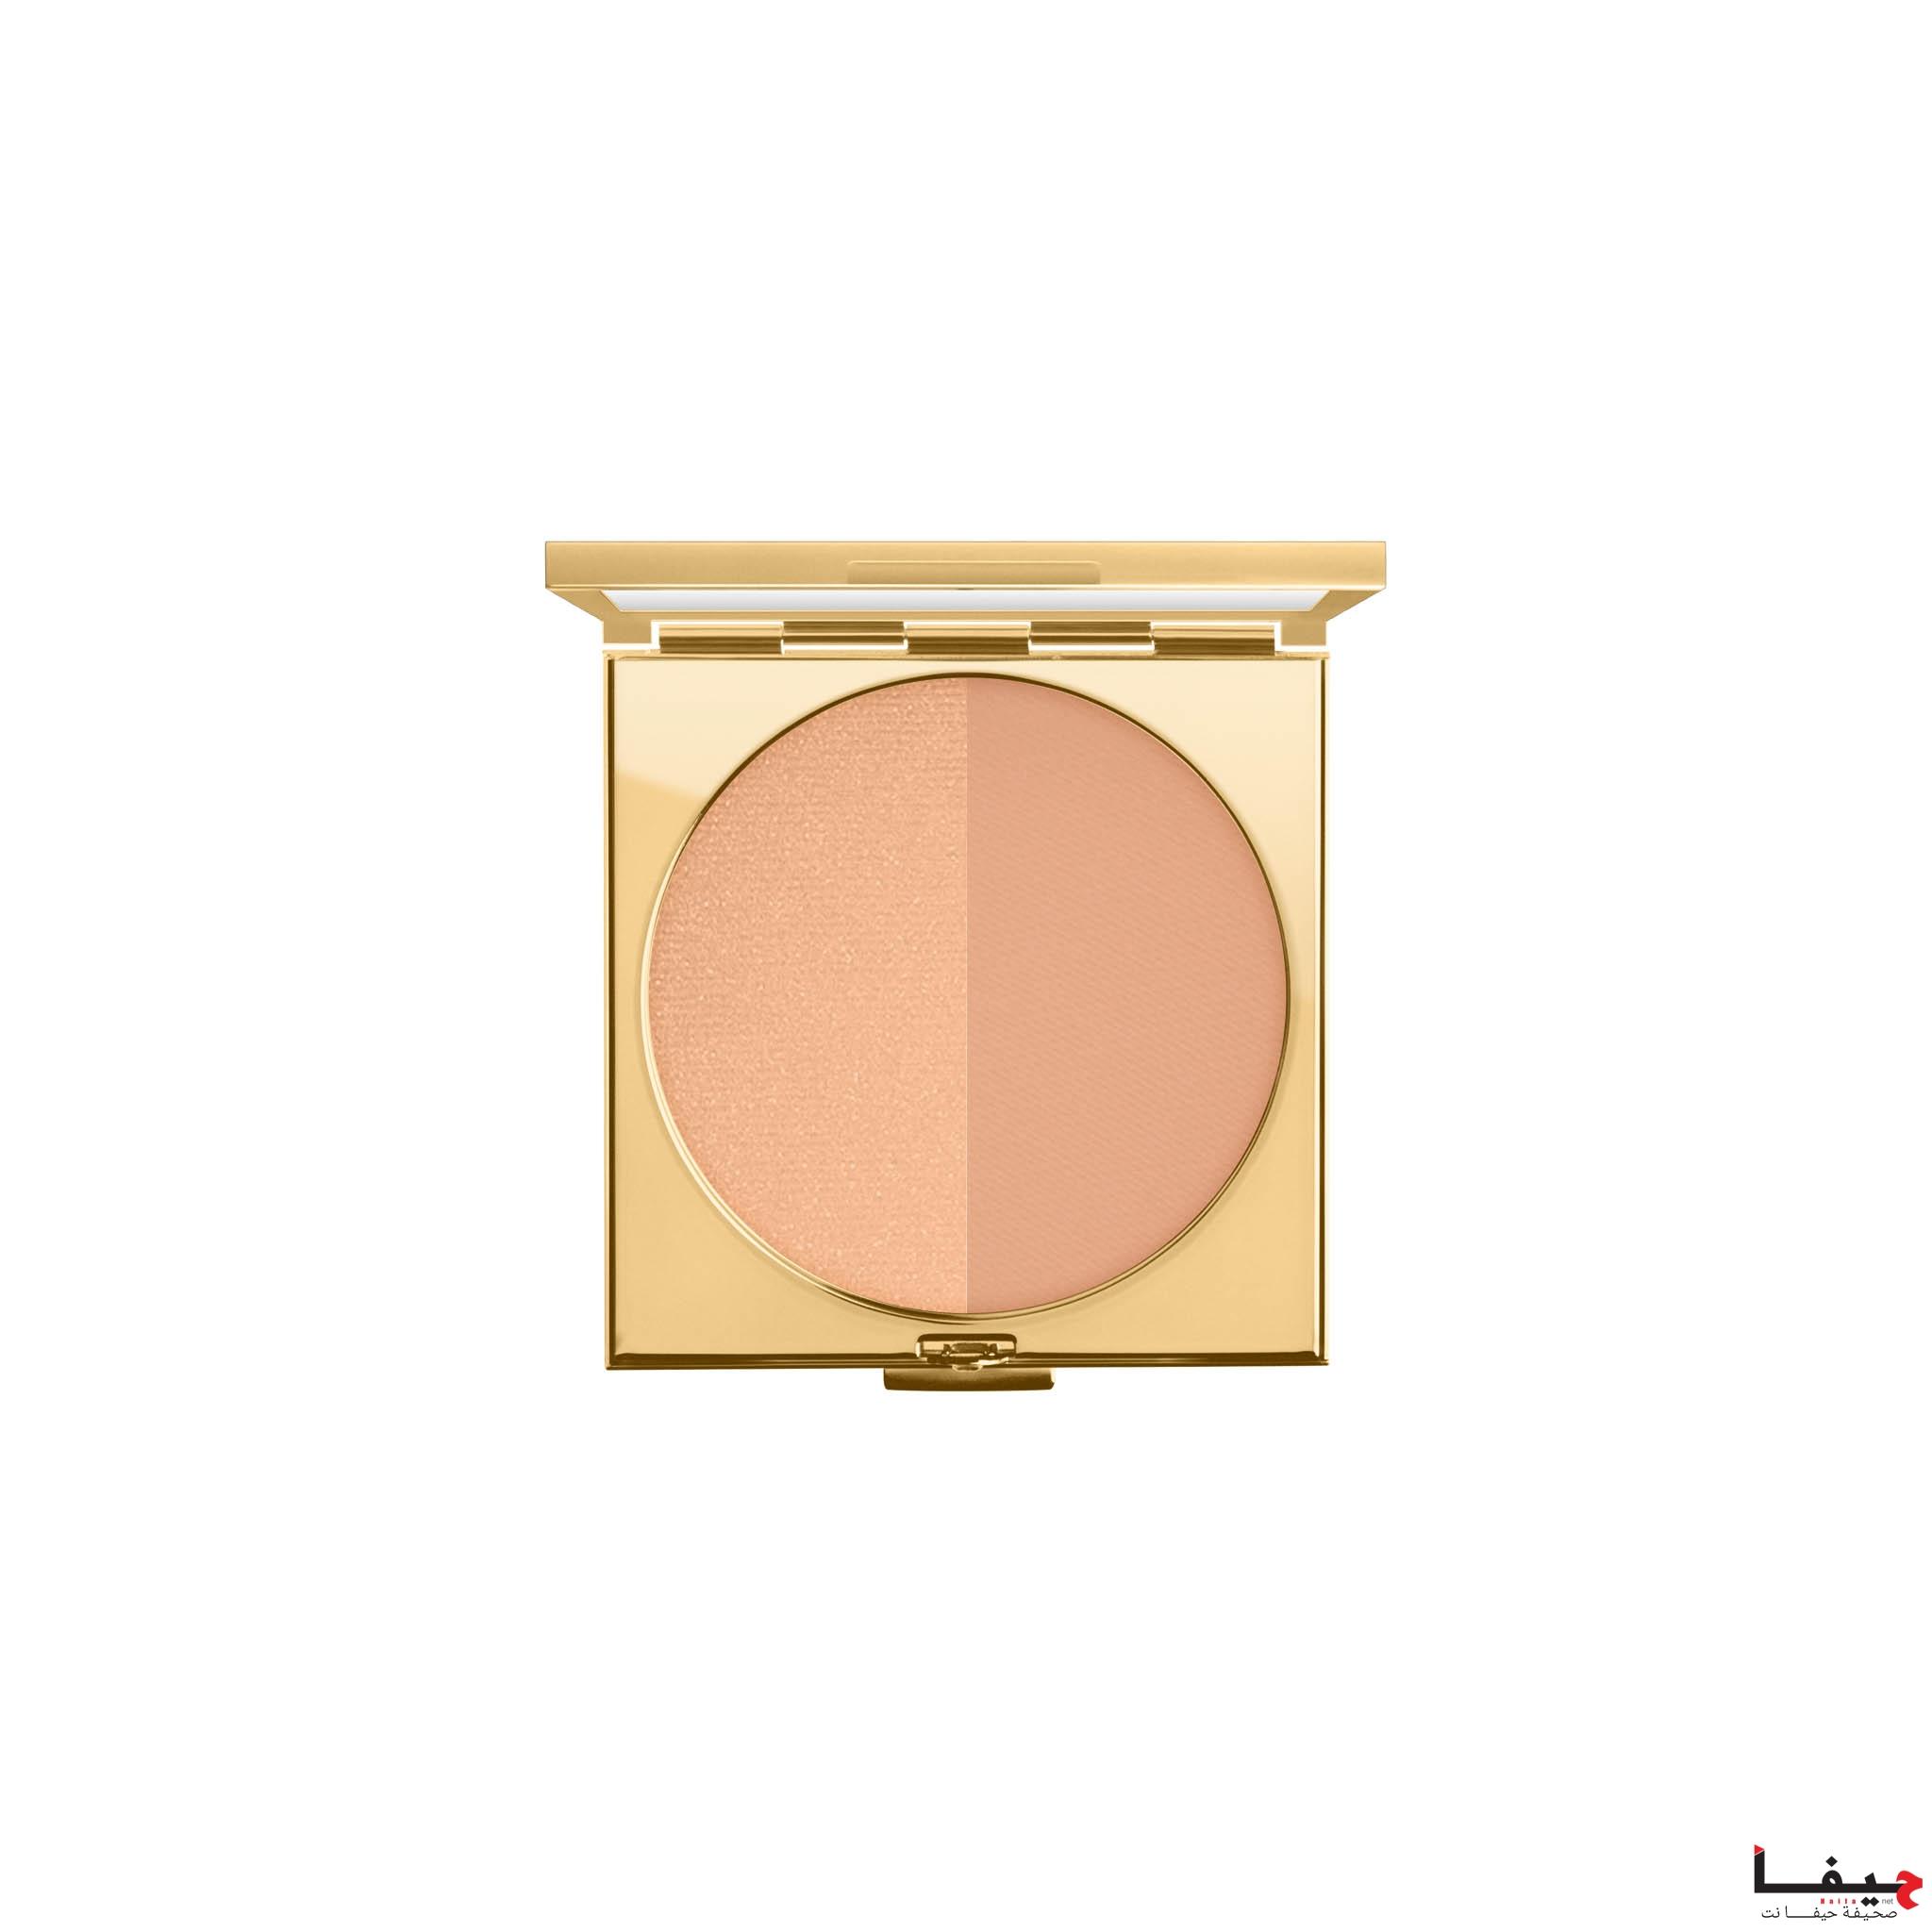 جديد من ماركة التجميل الرائدة ماك – كبسولة لاكشمي (7)